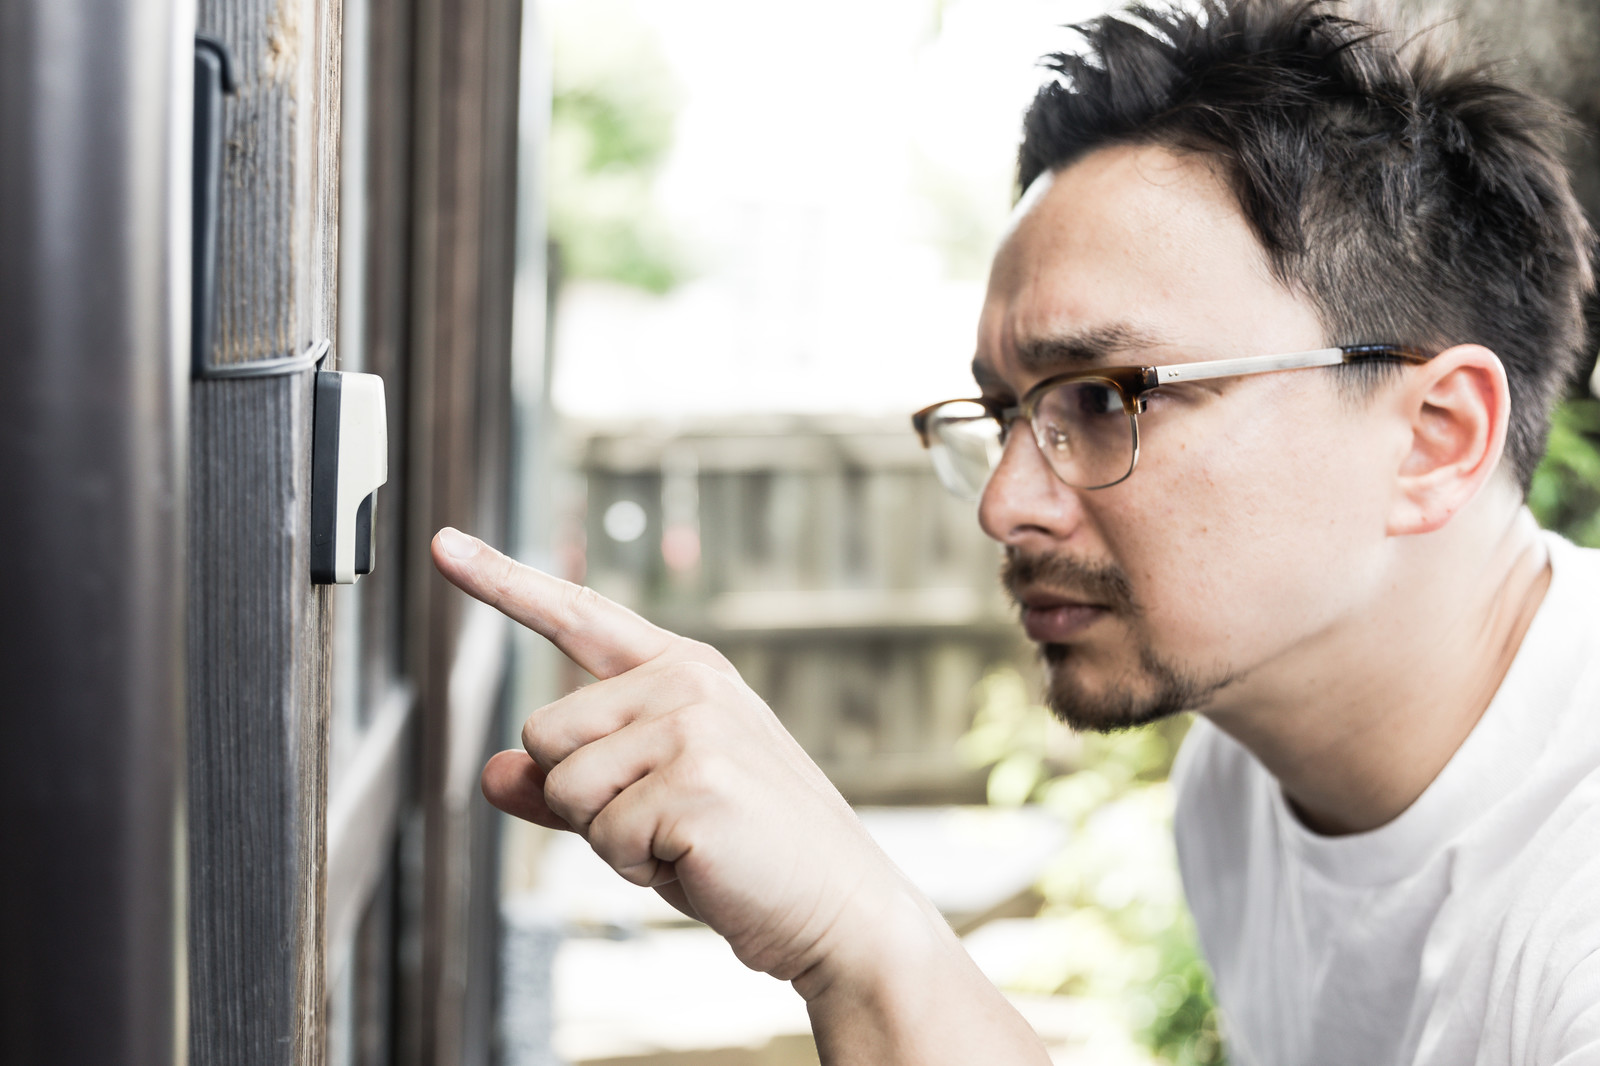 「玄関にあるボタンを押したら「ピーンポーン」という音がした」の写真